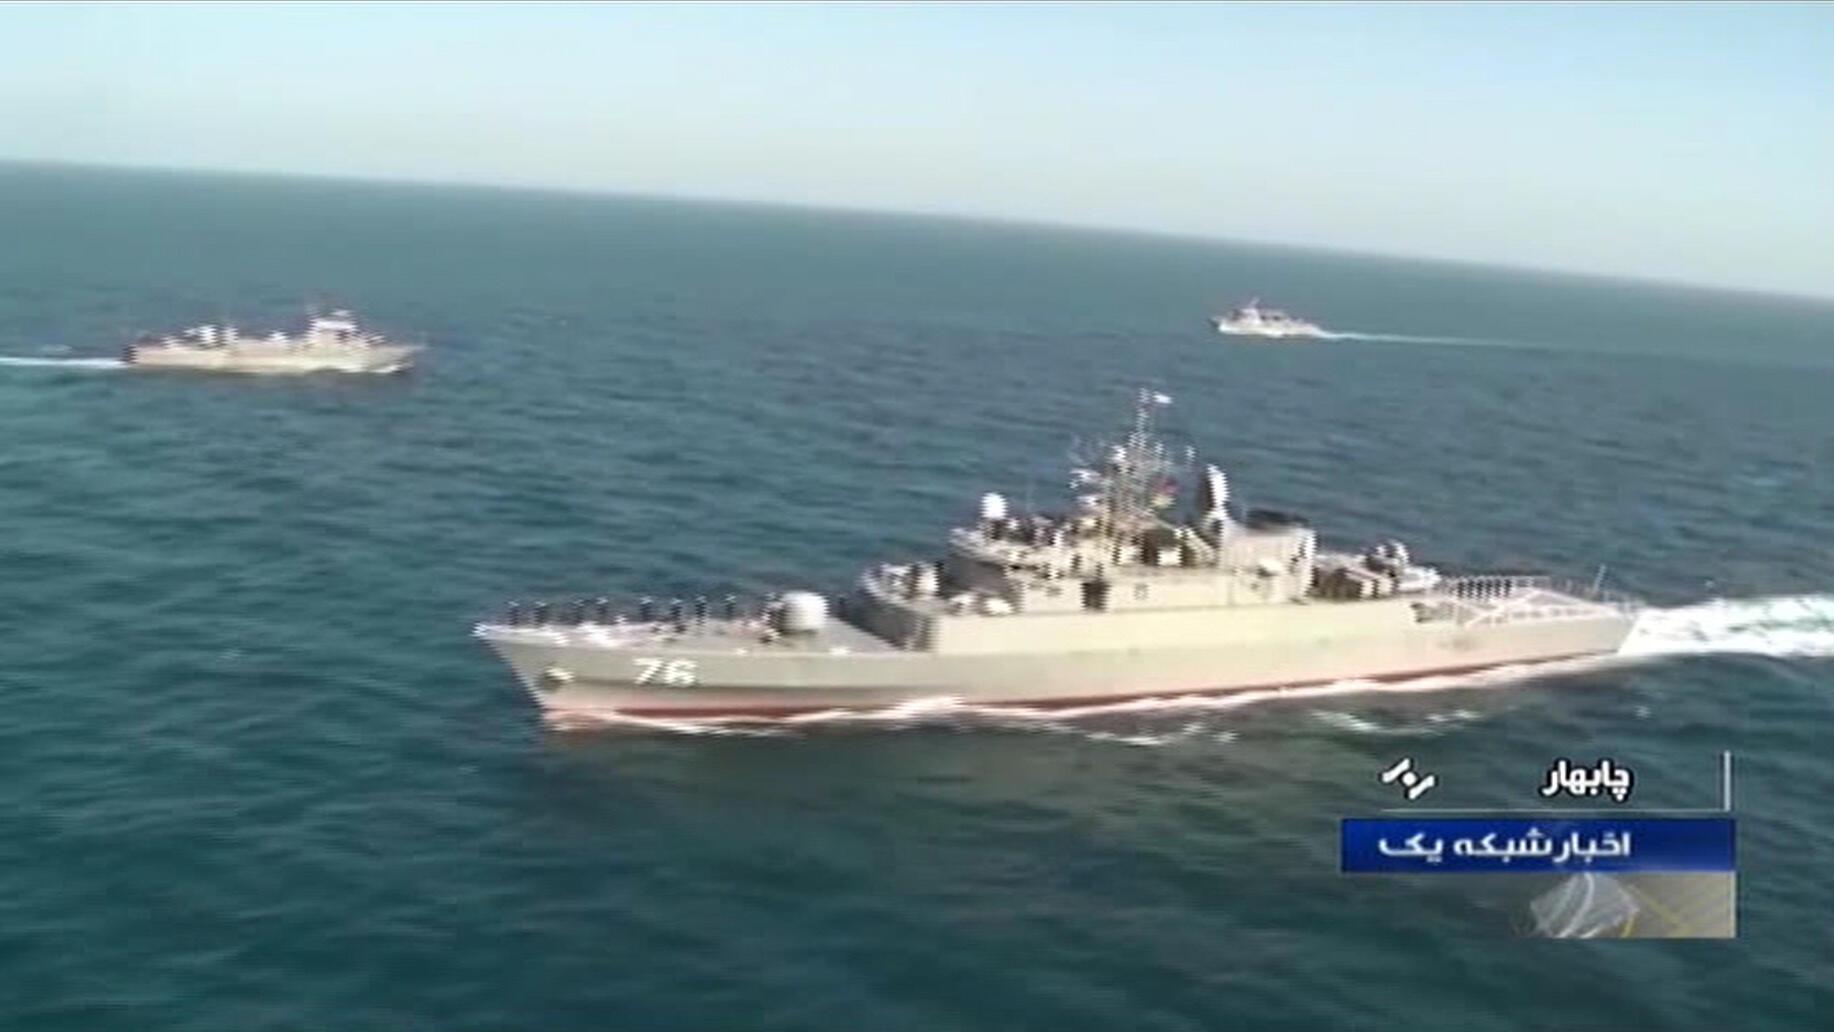 الفرقاطة الإيرانية جاماران خلال تدريبات بحرية في كانون الأول/ديسمبر 2019.